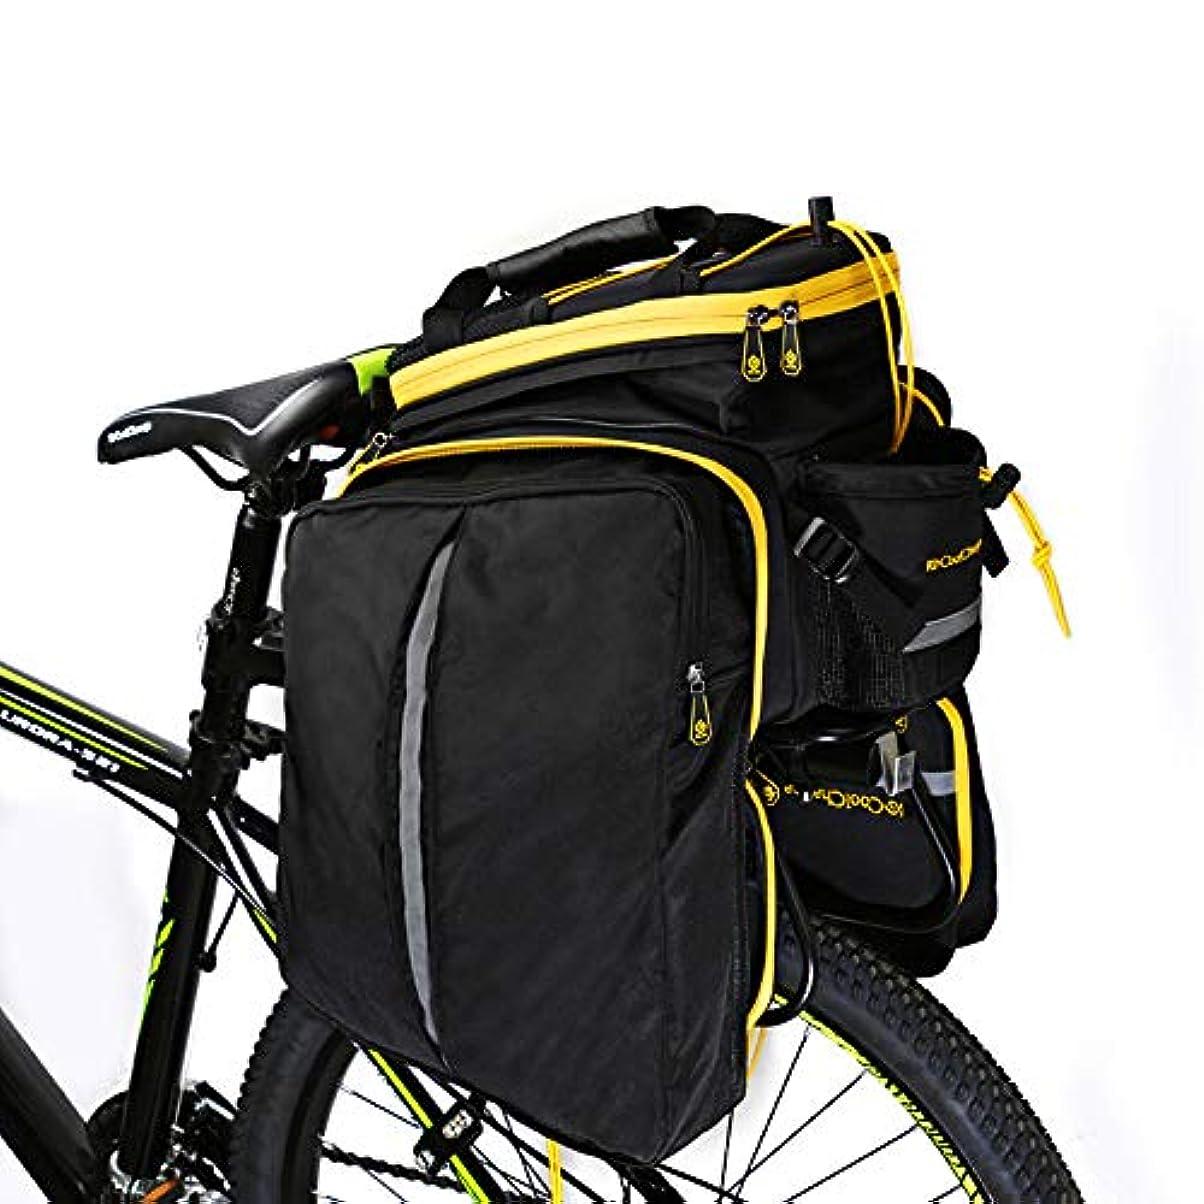 梨わずらわしい伝染性自転車バッグ 自転車パニエトランクバッグ、大容量防水自転車リアシートパニエフィット、防水カバー付き自転車走行用 (色 : 黄)